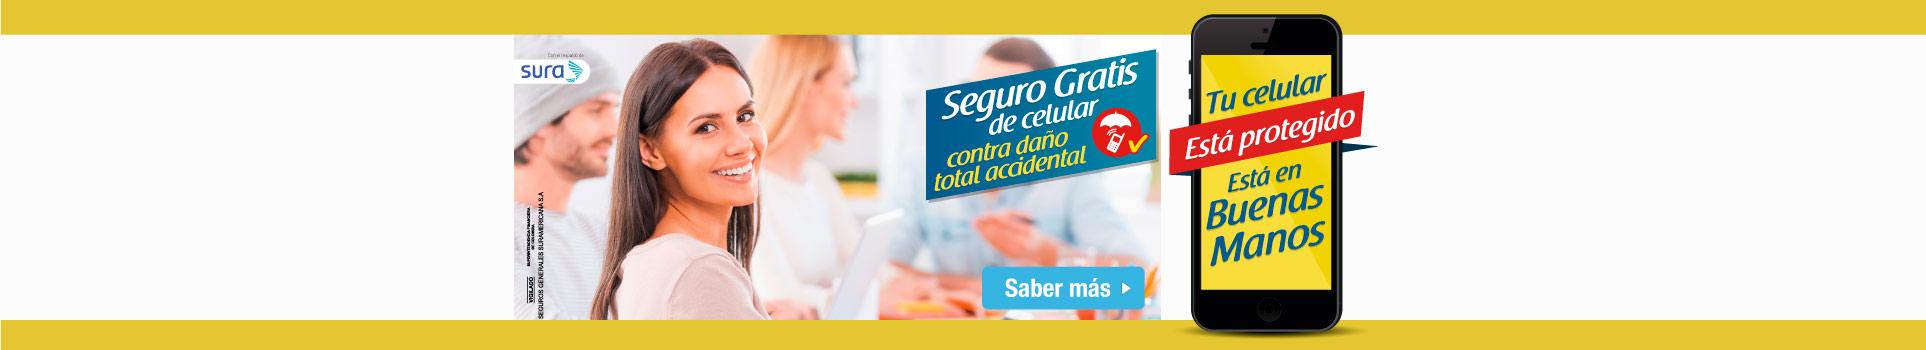 Seguro Gratis Celulares Alkomprar 2017 - banner opcional